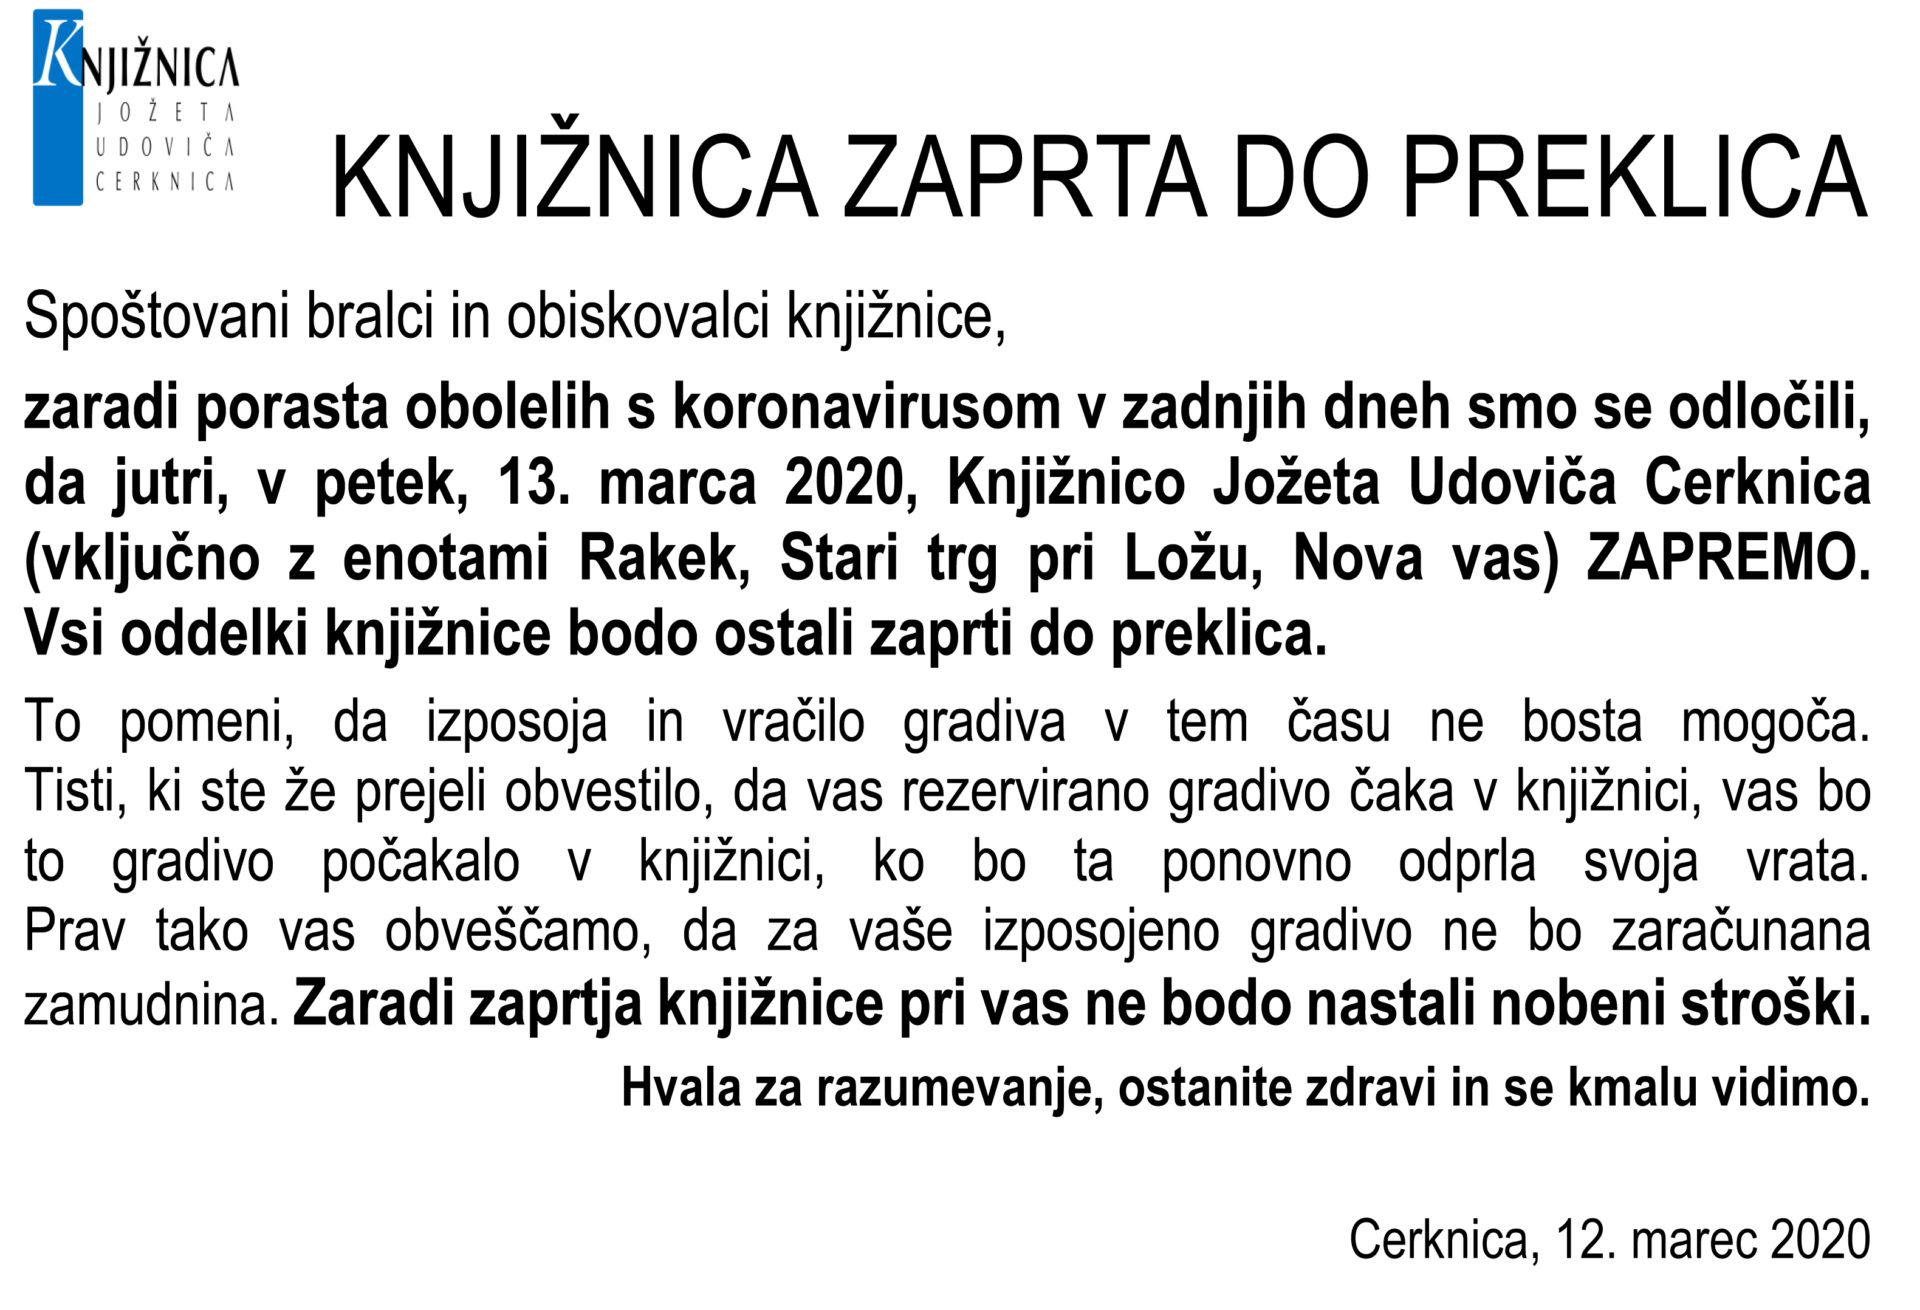 KNJIŽNICA ZAPRTA Cerknica - KNJIŽNICA ZAPRTA DO PREKLICA